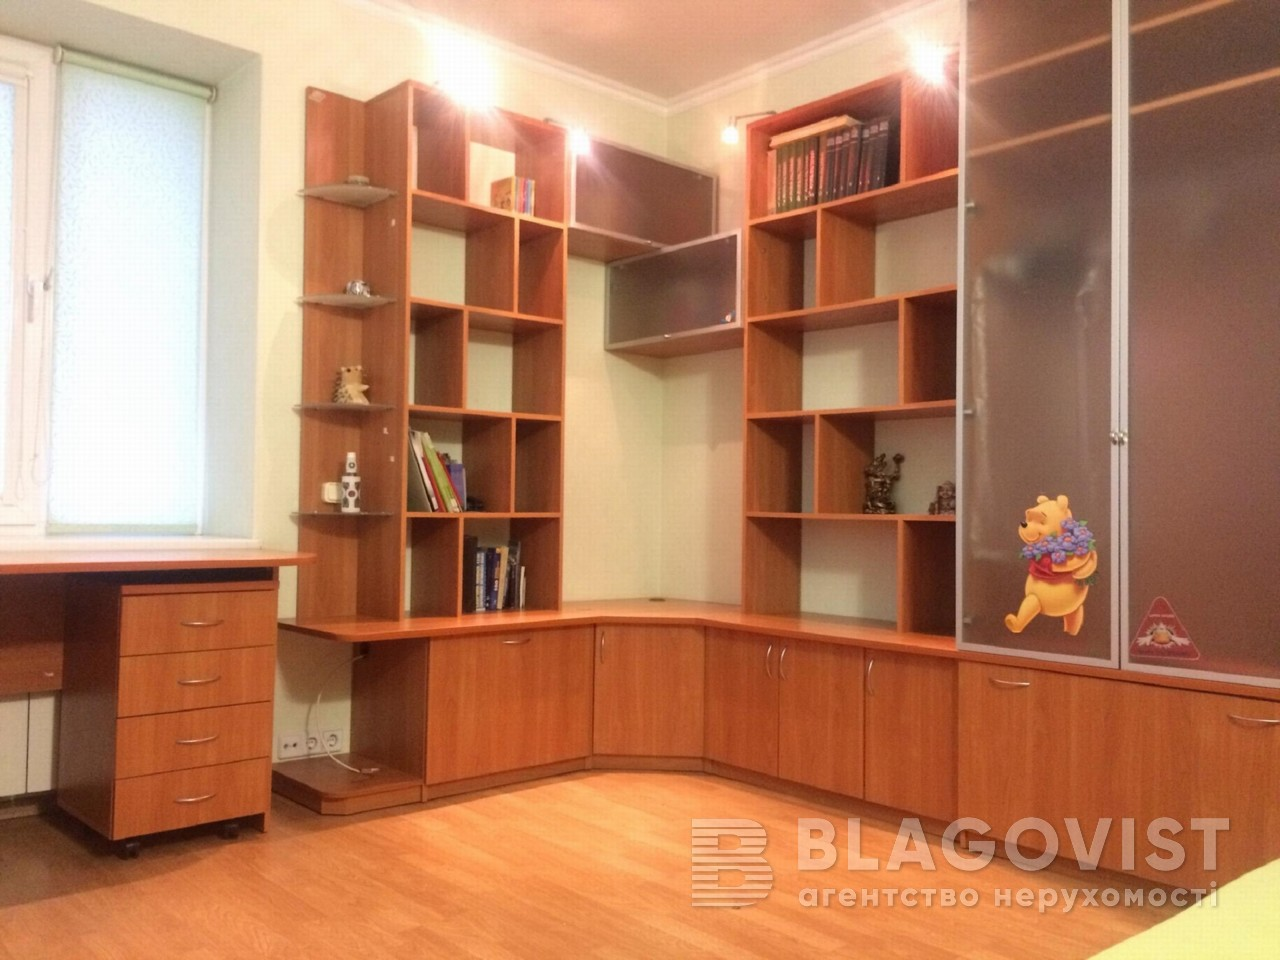 Квартира M-36130, Микільсько-Слобідська, 6б, Київ - Фото 8